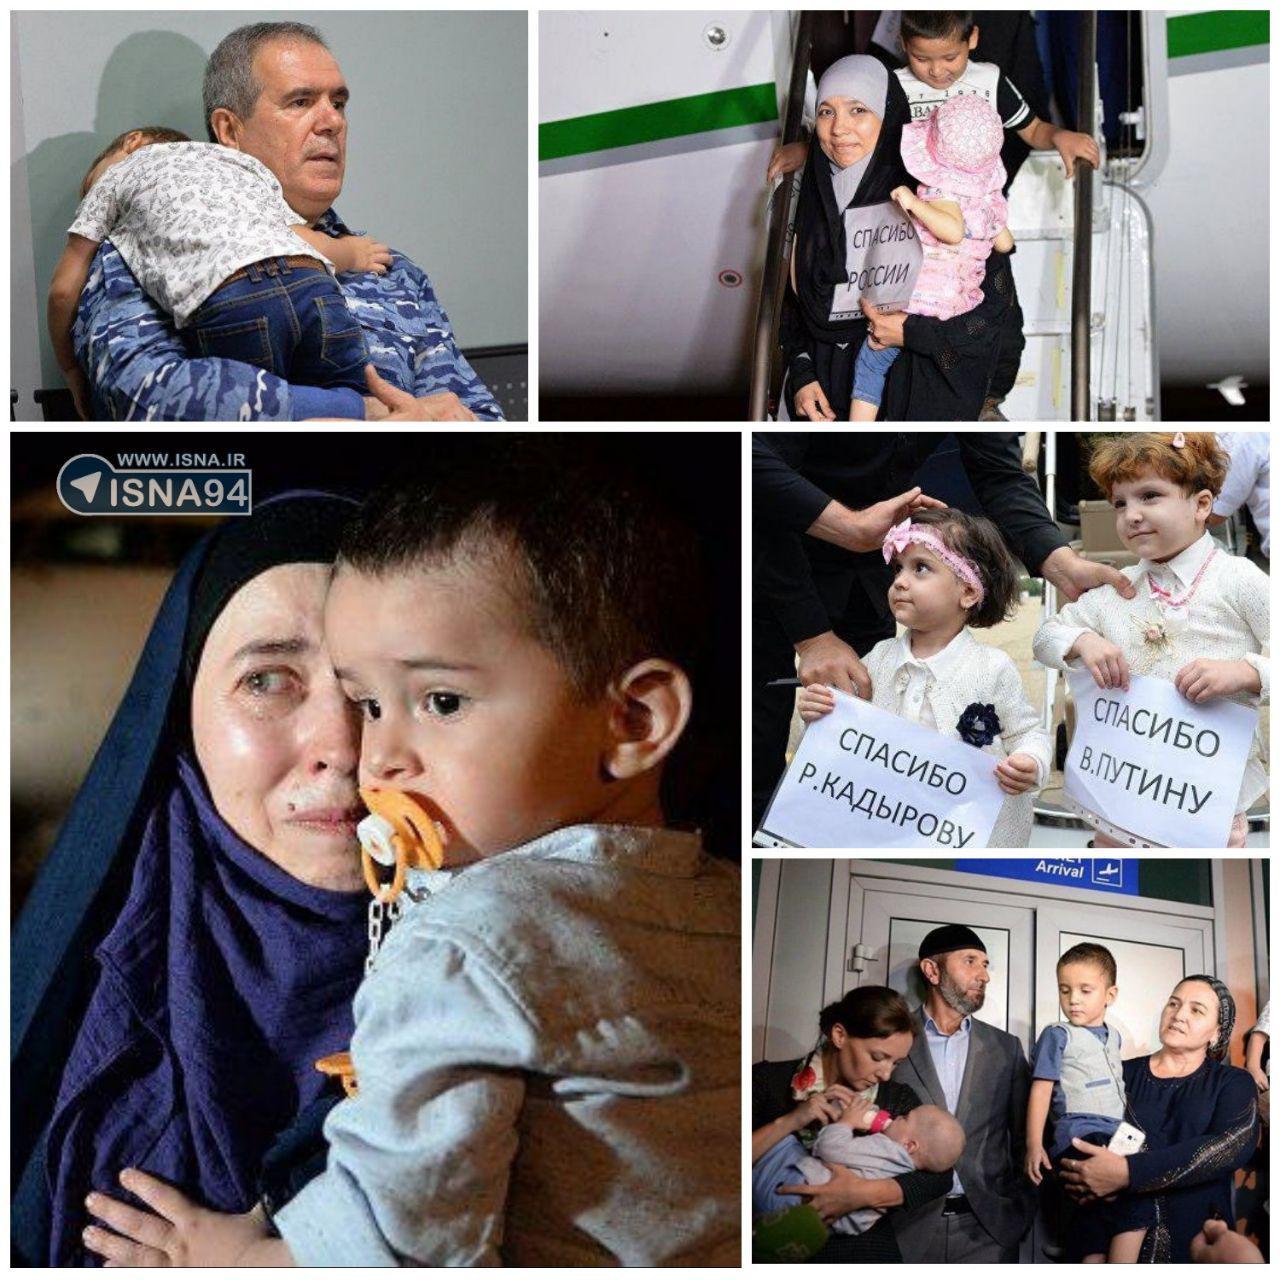 کودکان روس از عراق به کشورشان بازگشتند